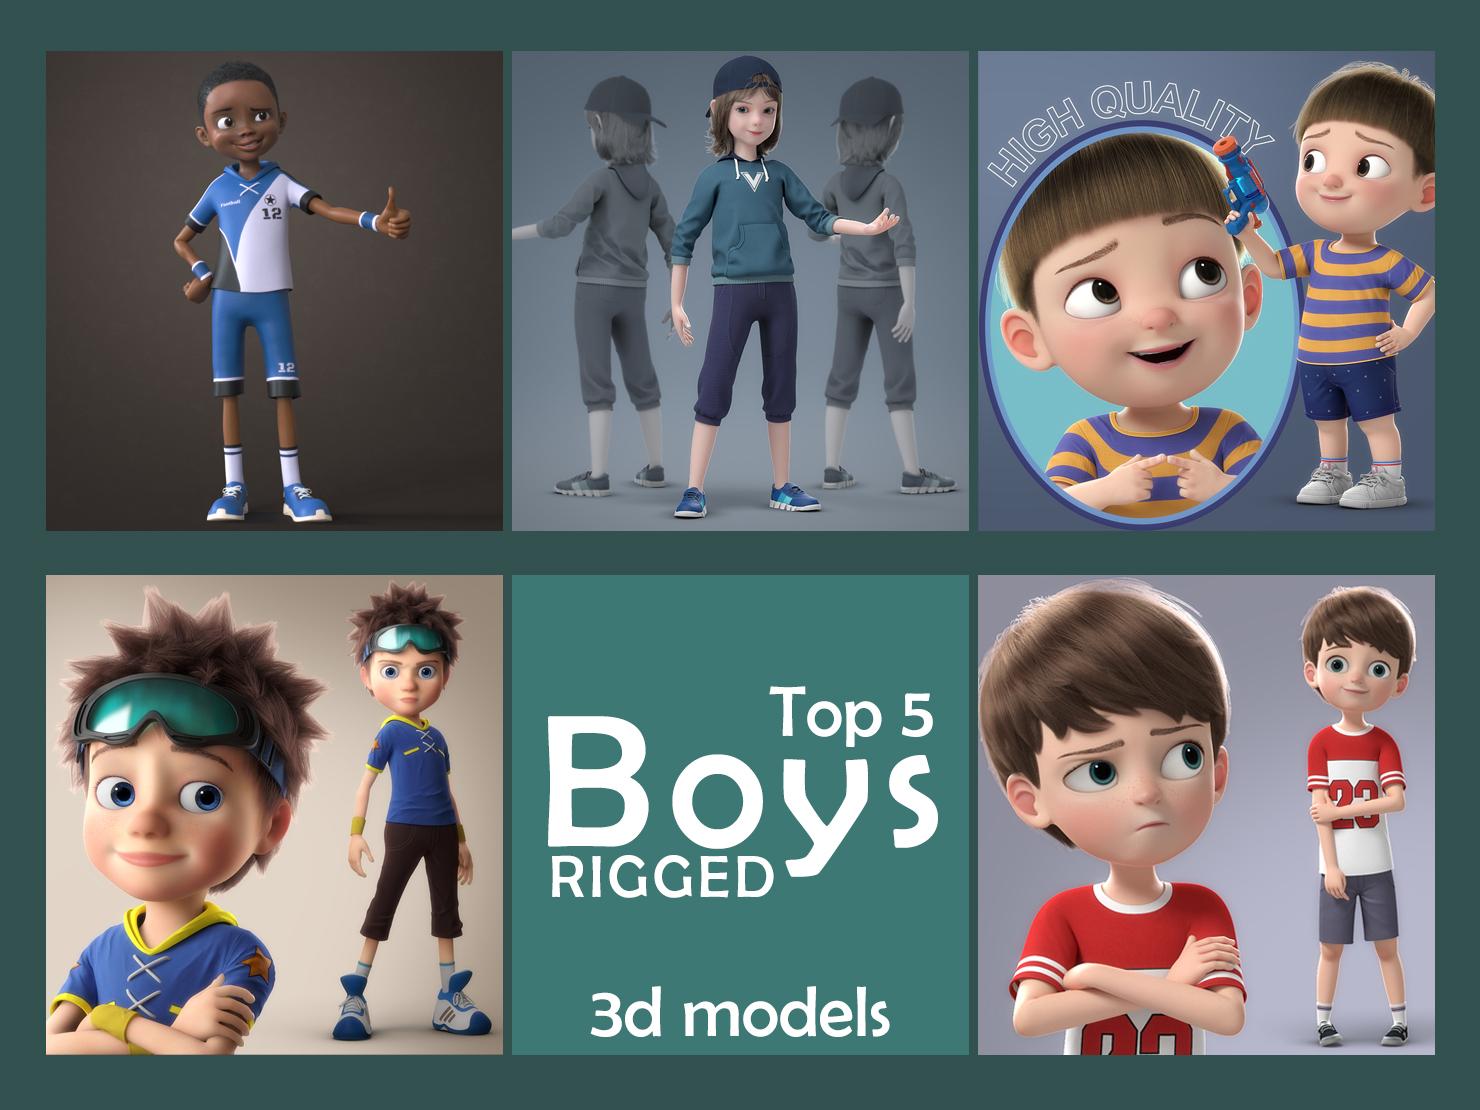 top 5 cartoon boys rigged 3d models